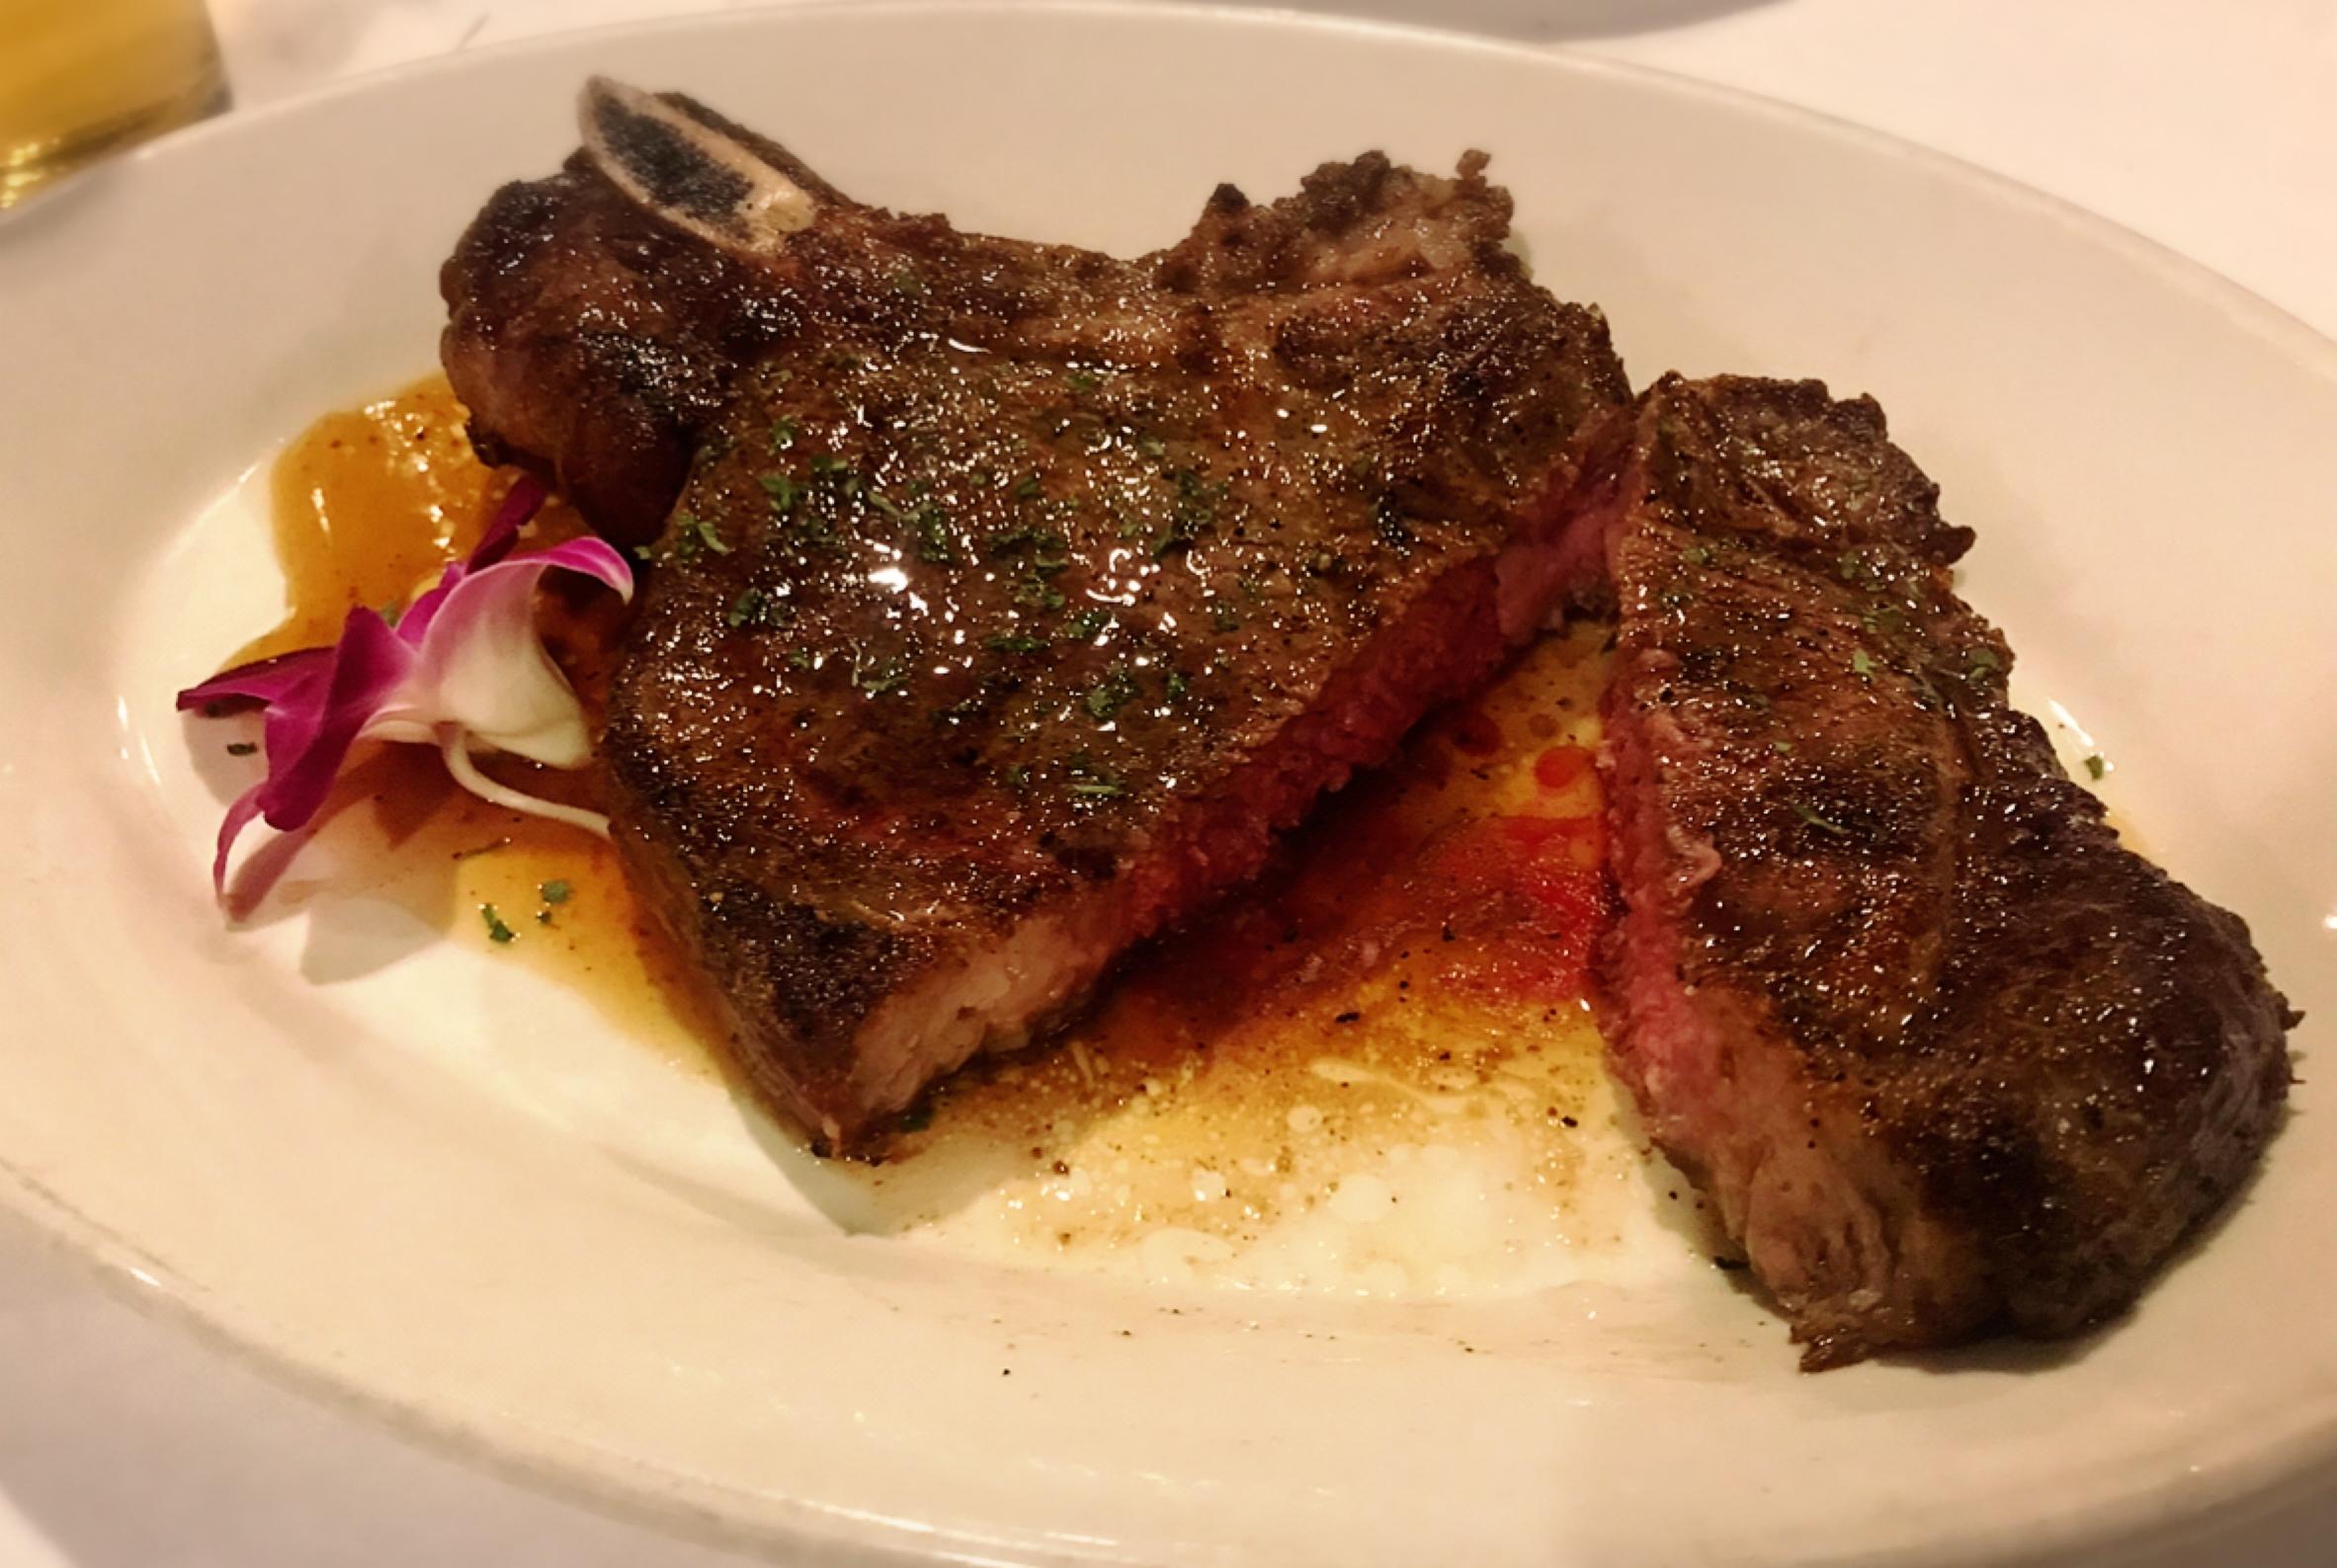 【ハワイグルメ5】肉好き女子必見*オシャレな空間で熟成肉を堪能! ハッピーアワー情報も♩_6